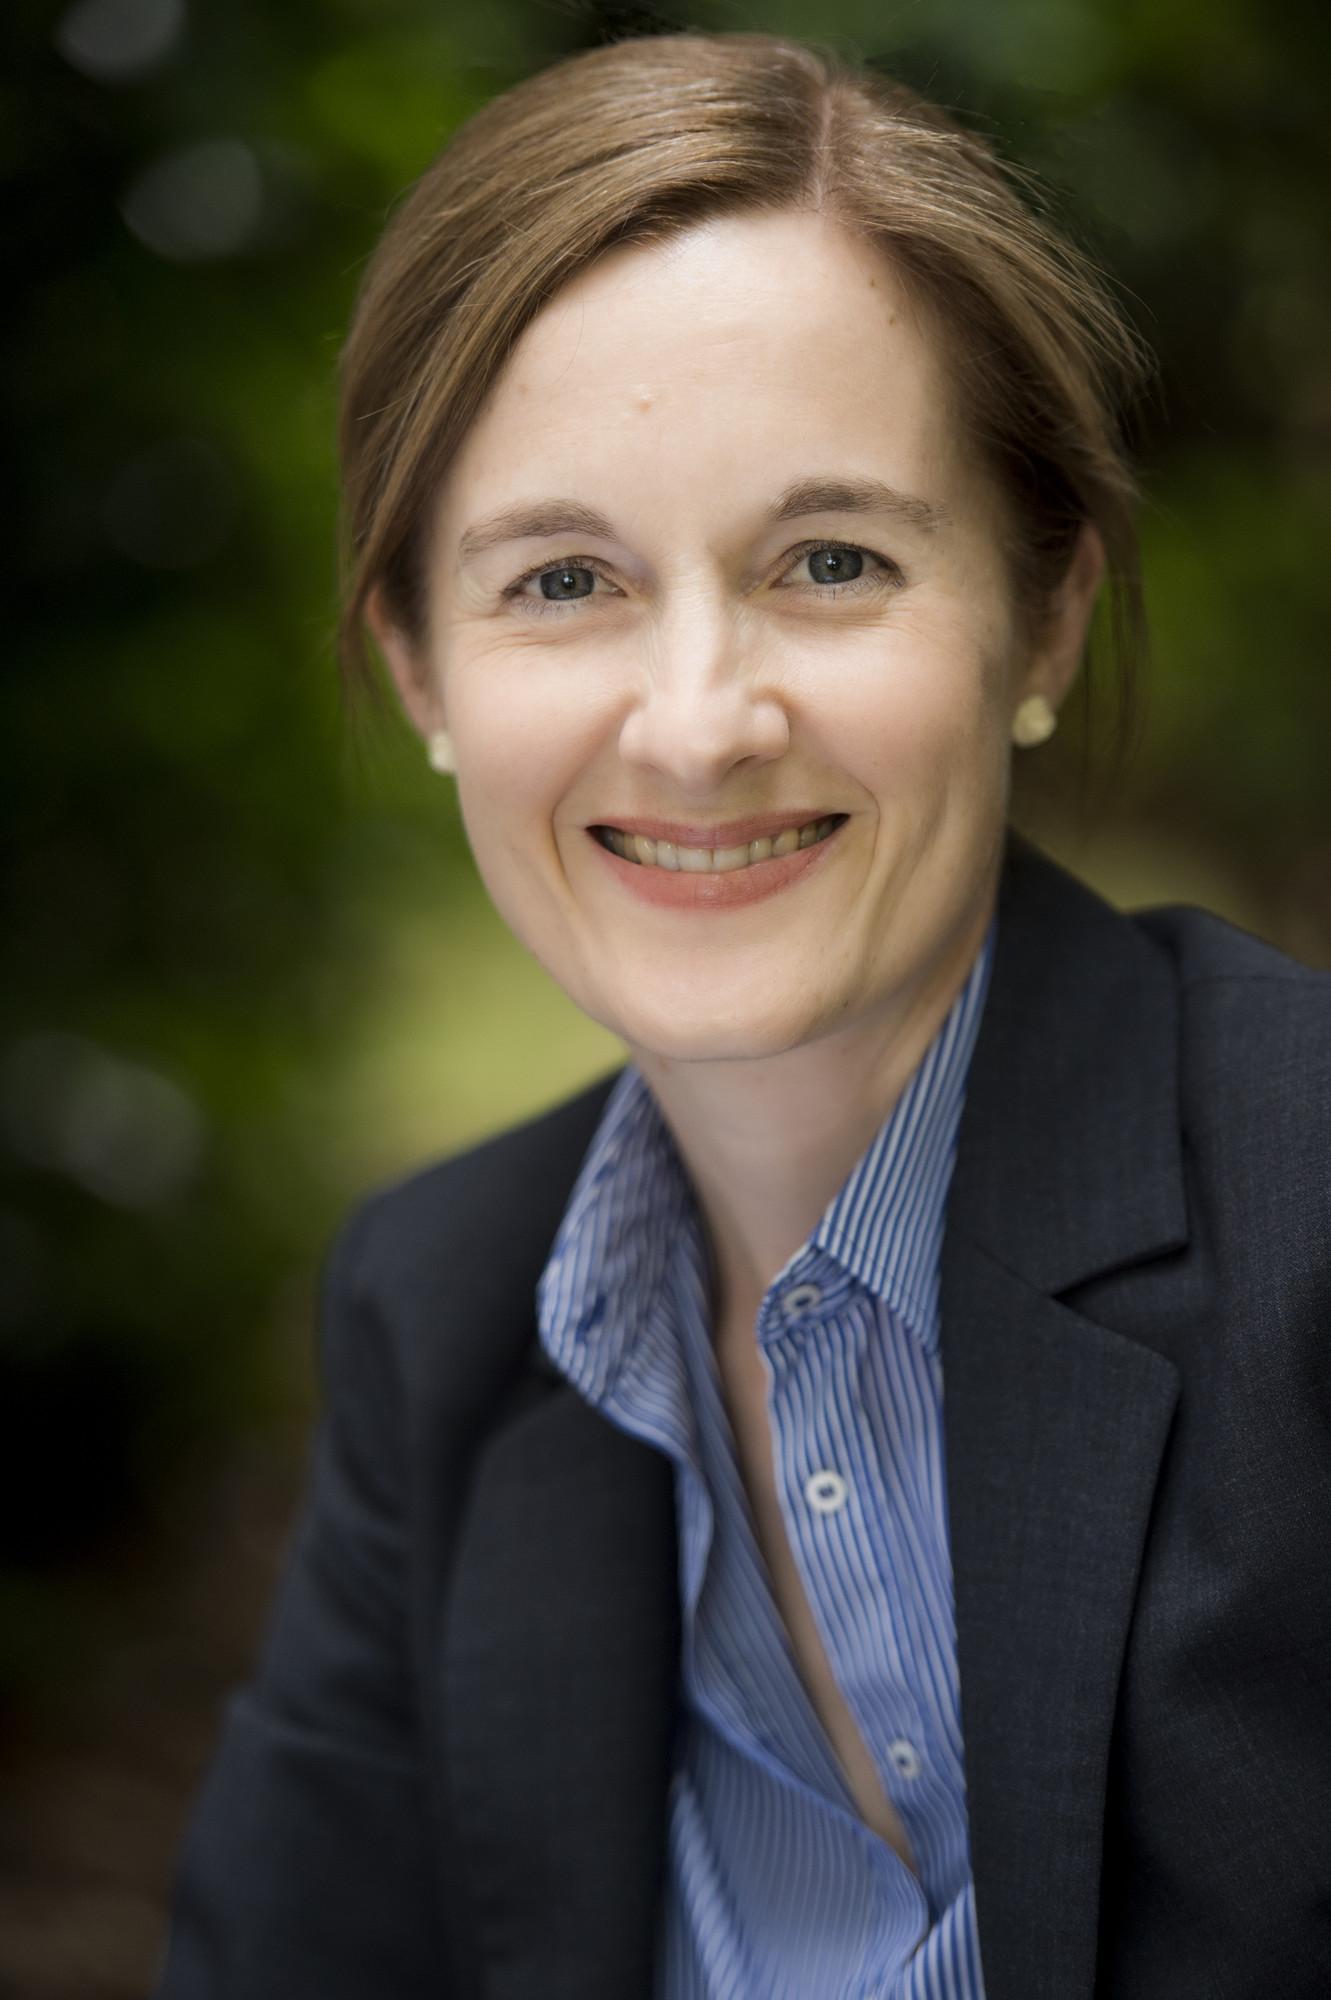 Emma Heyde